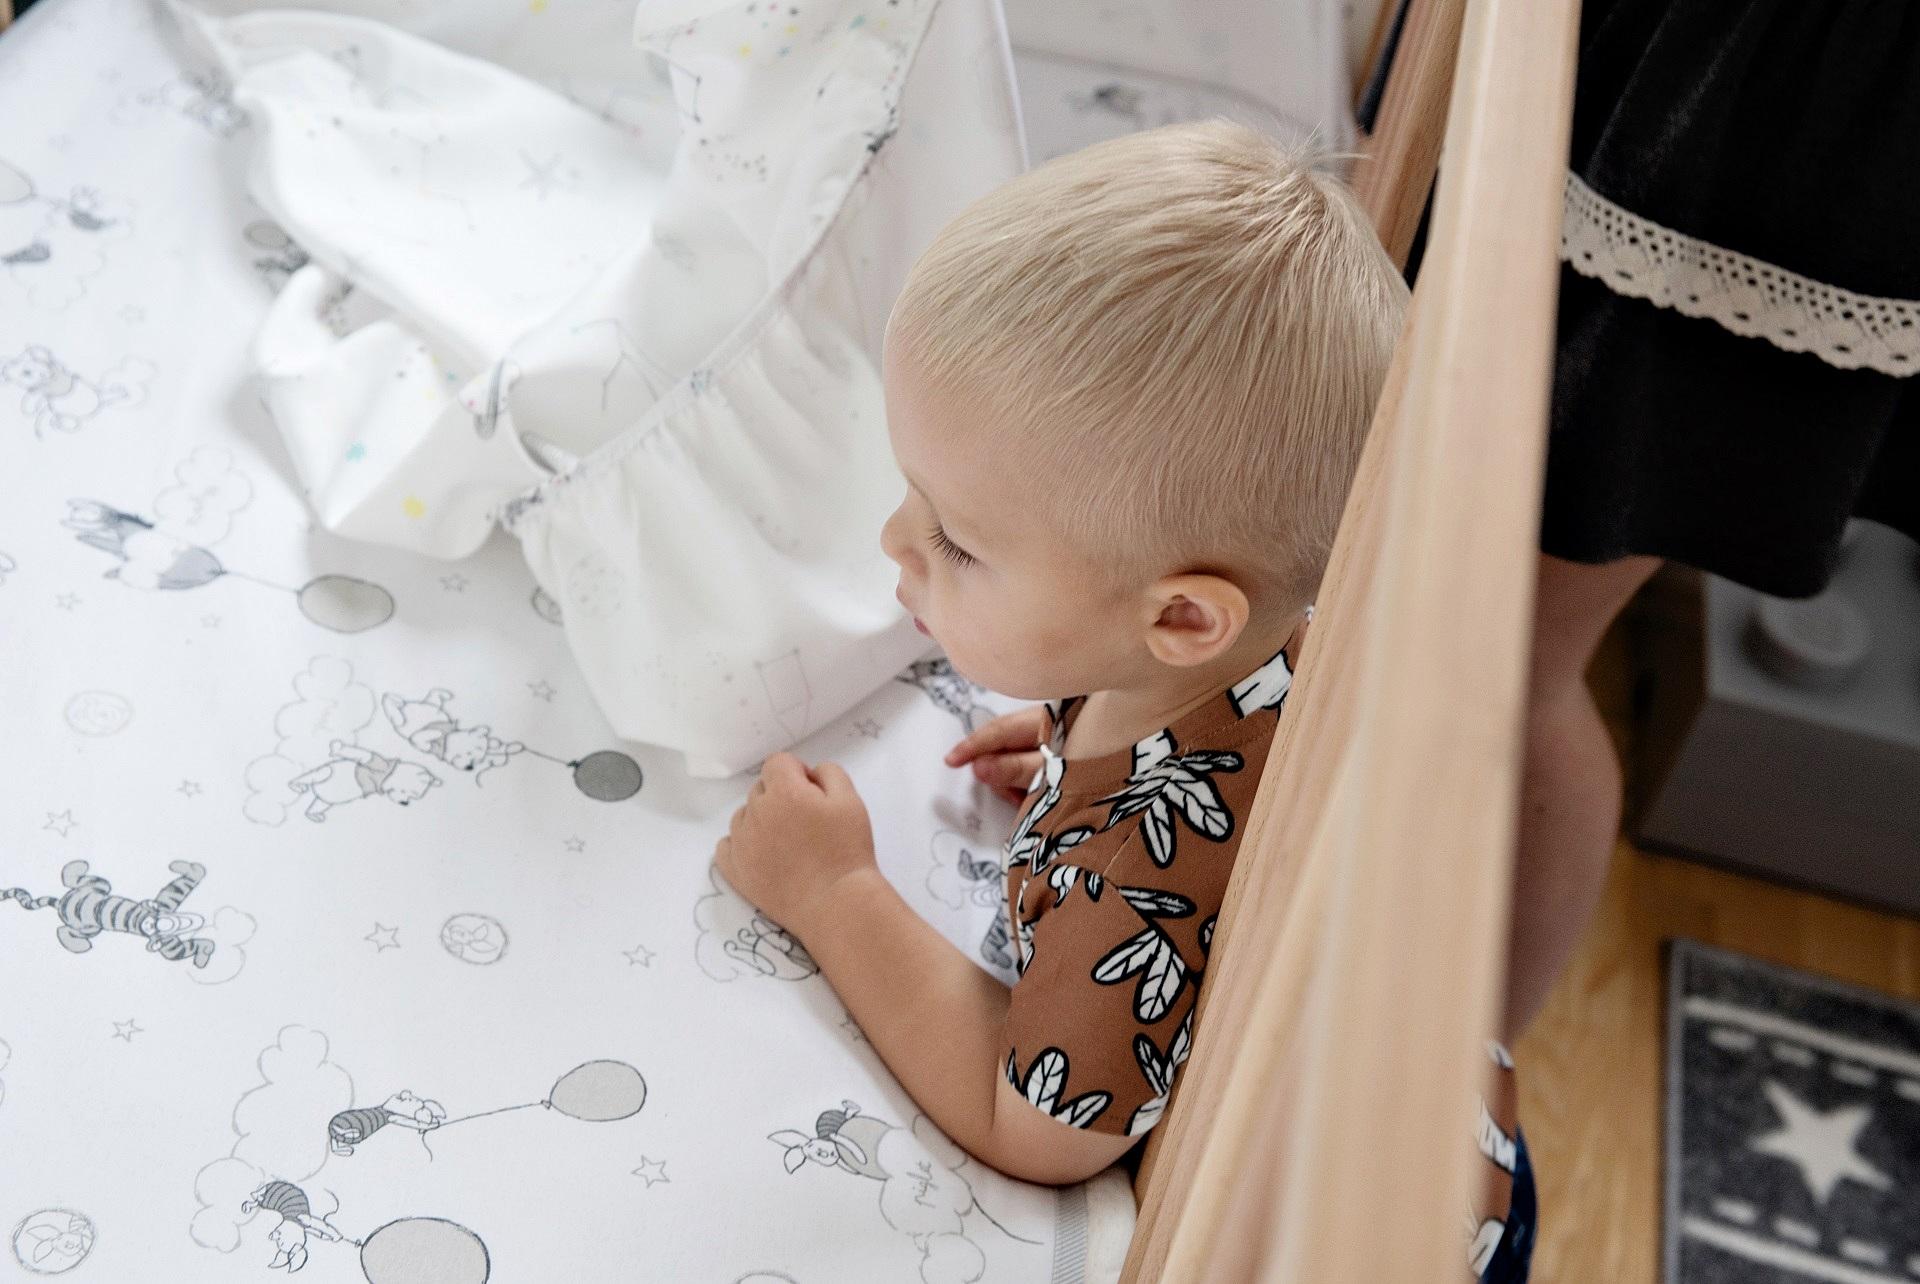 jak dbać o materac dla dziecka